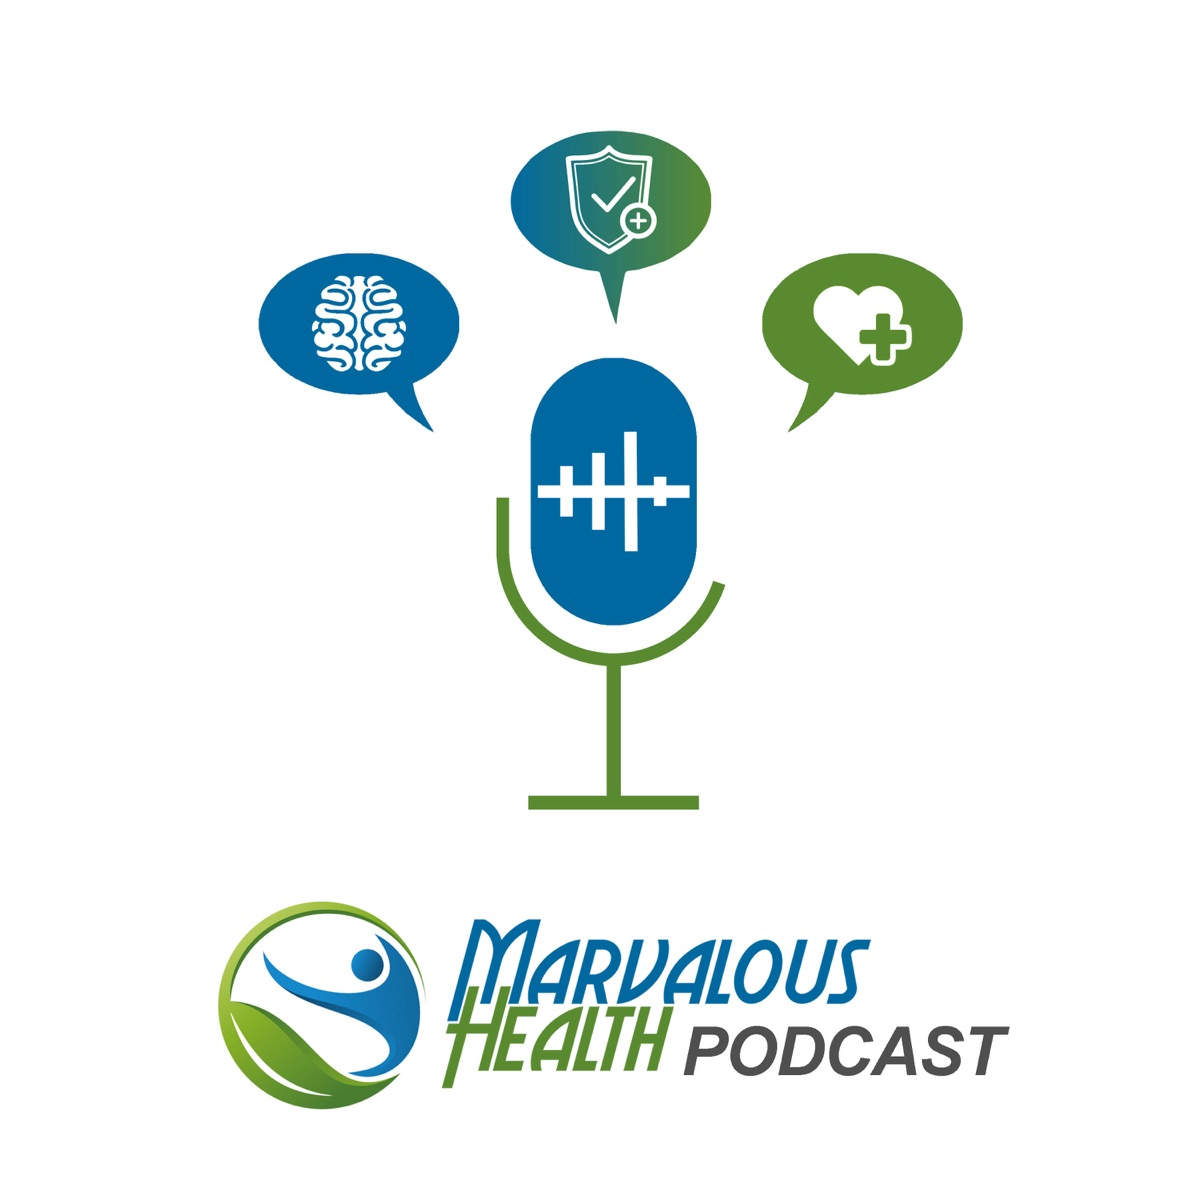 Marvalous Health Podcast